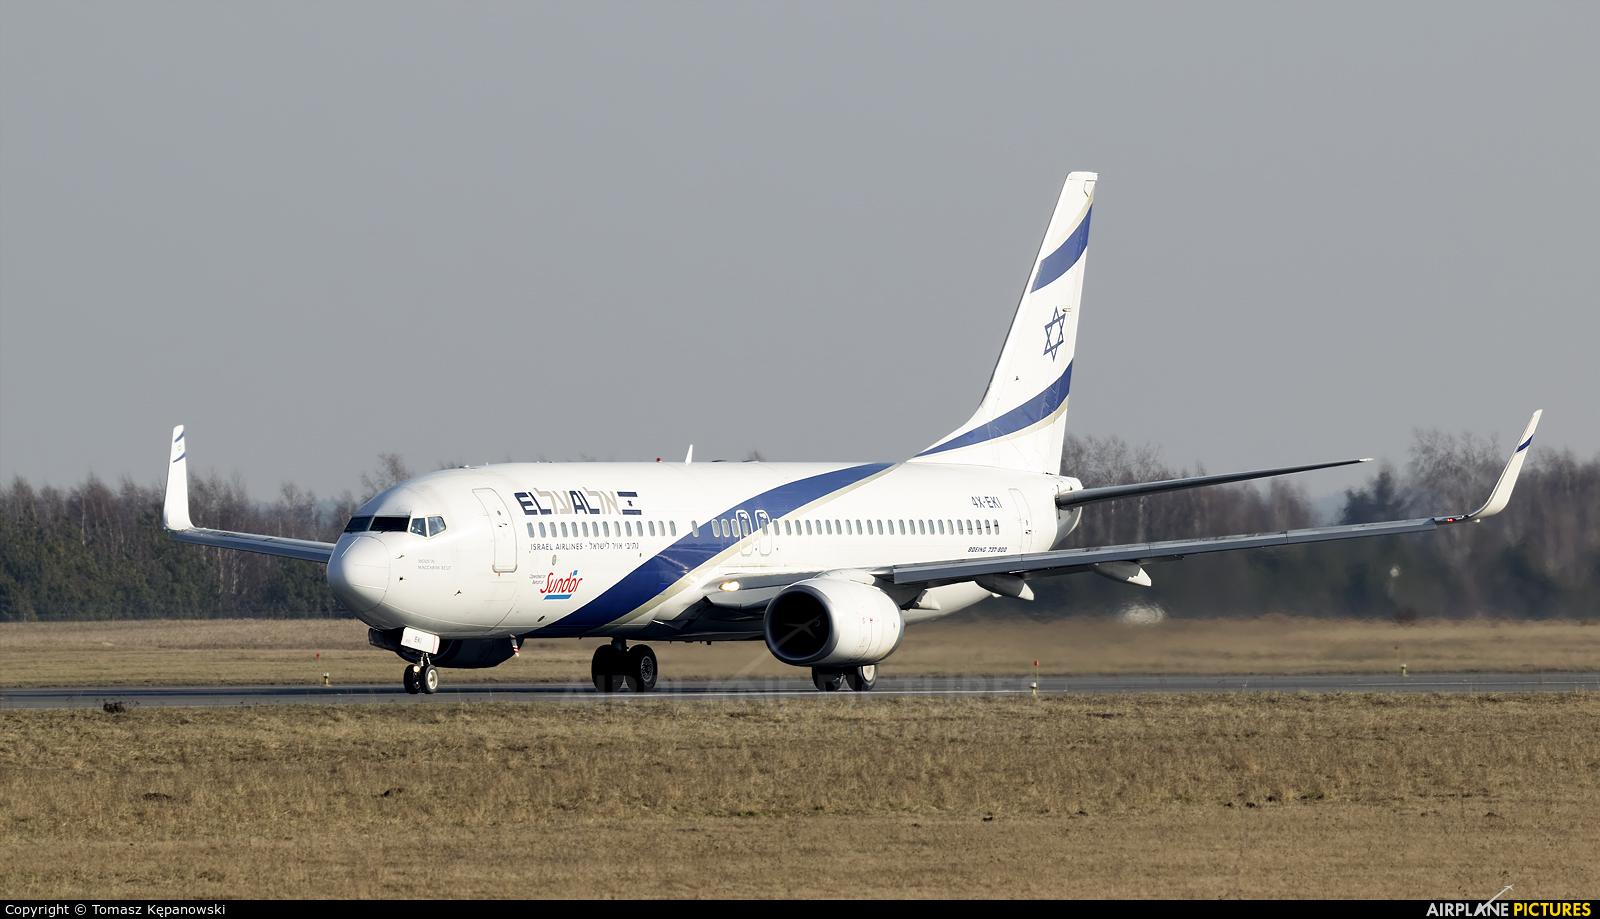 El Al Israel Airlines 4X-EKI aircraft at Rzeszów-Jasionka